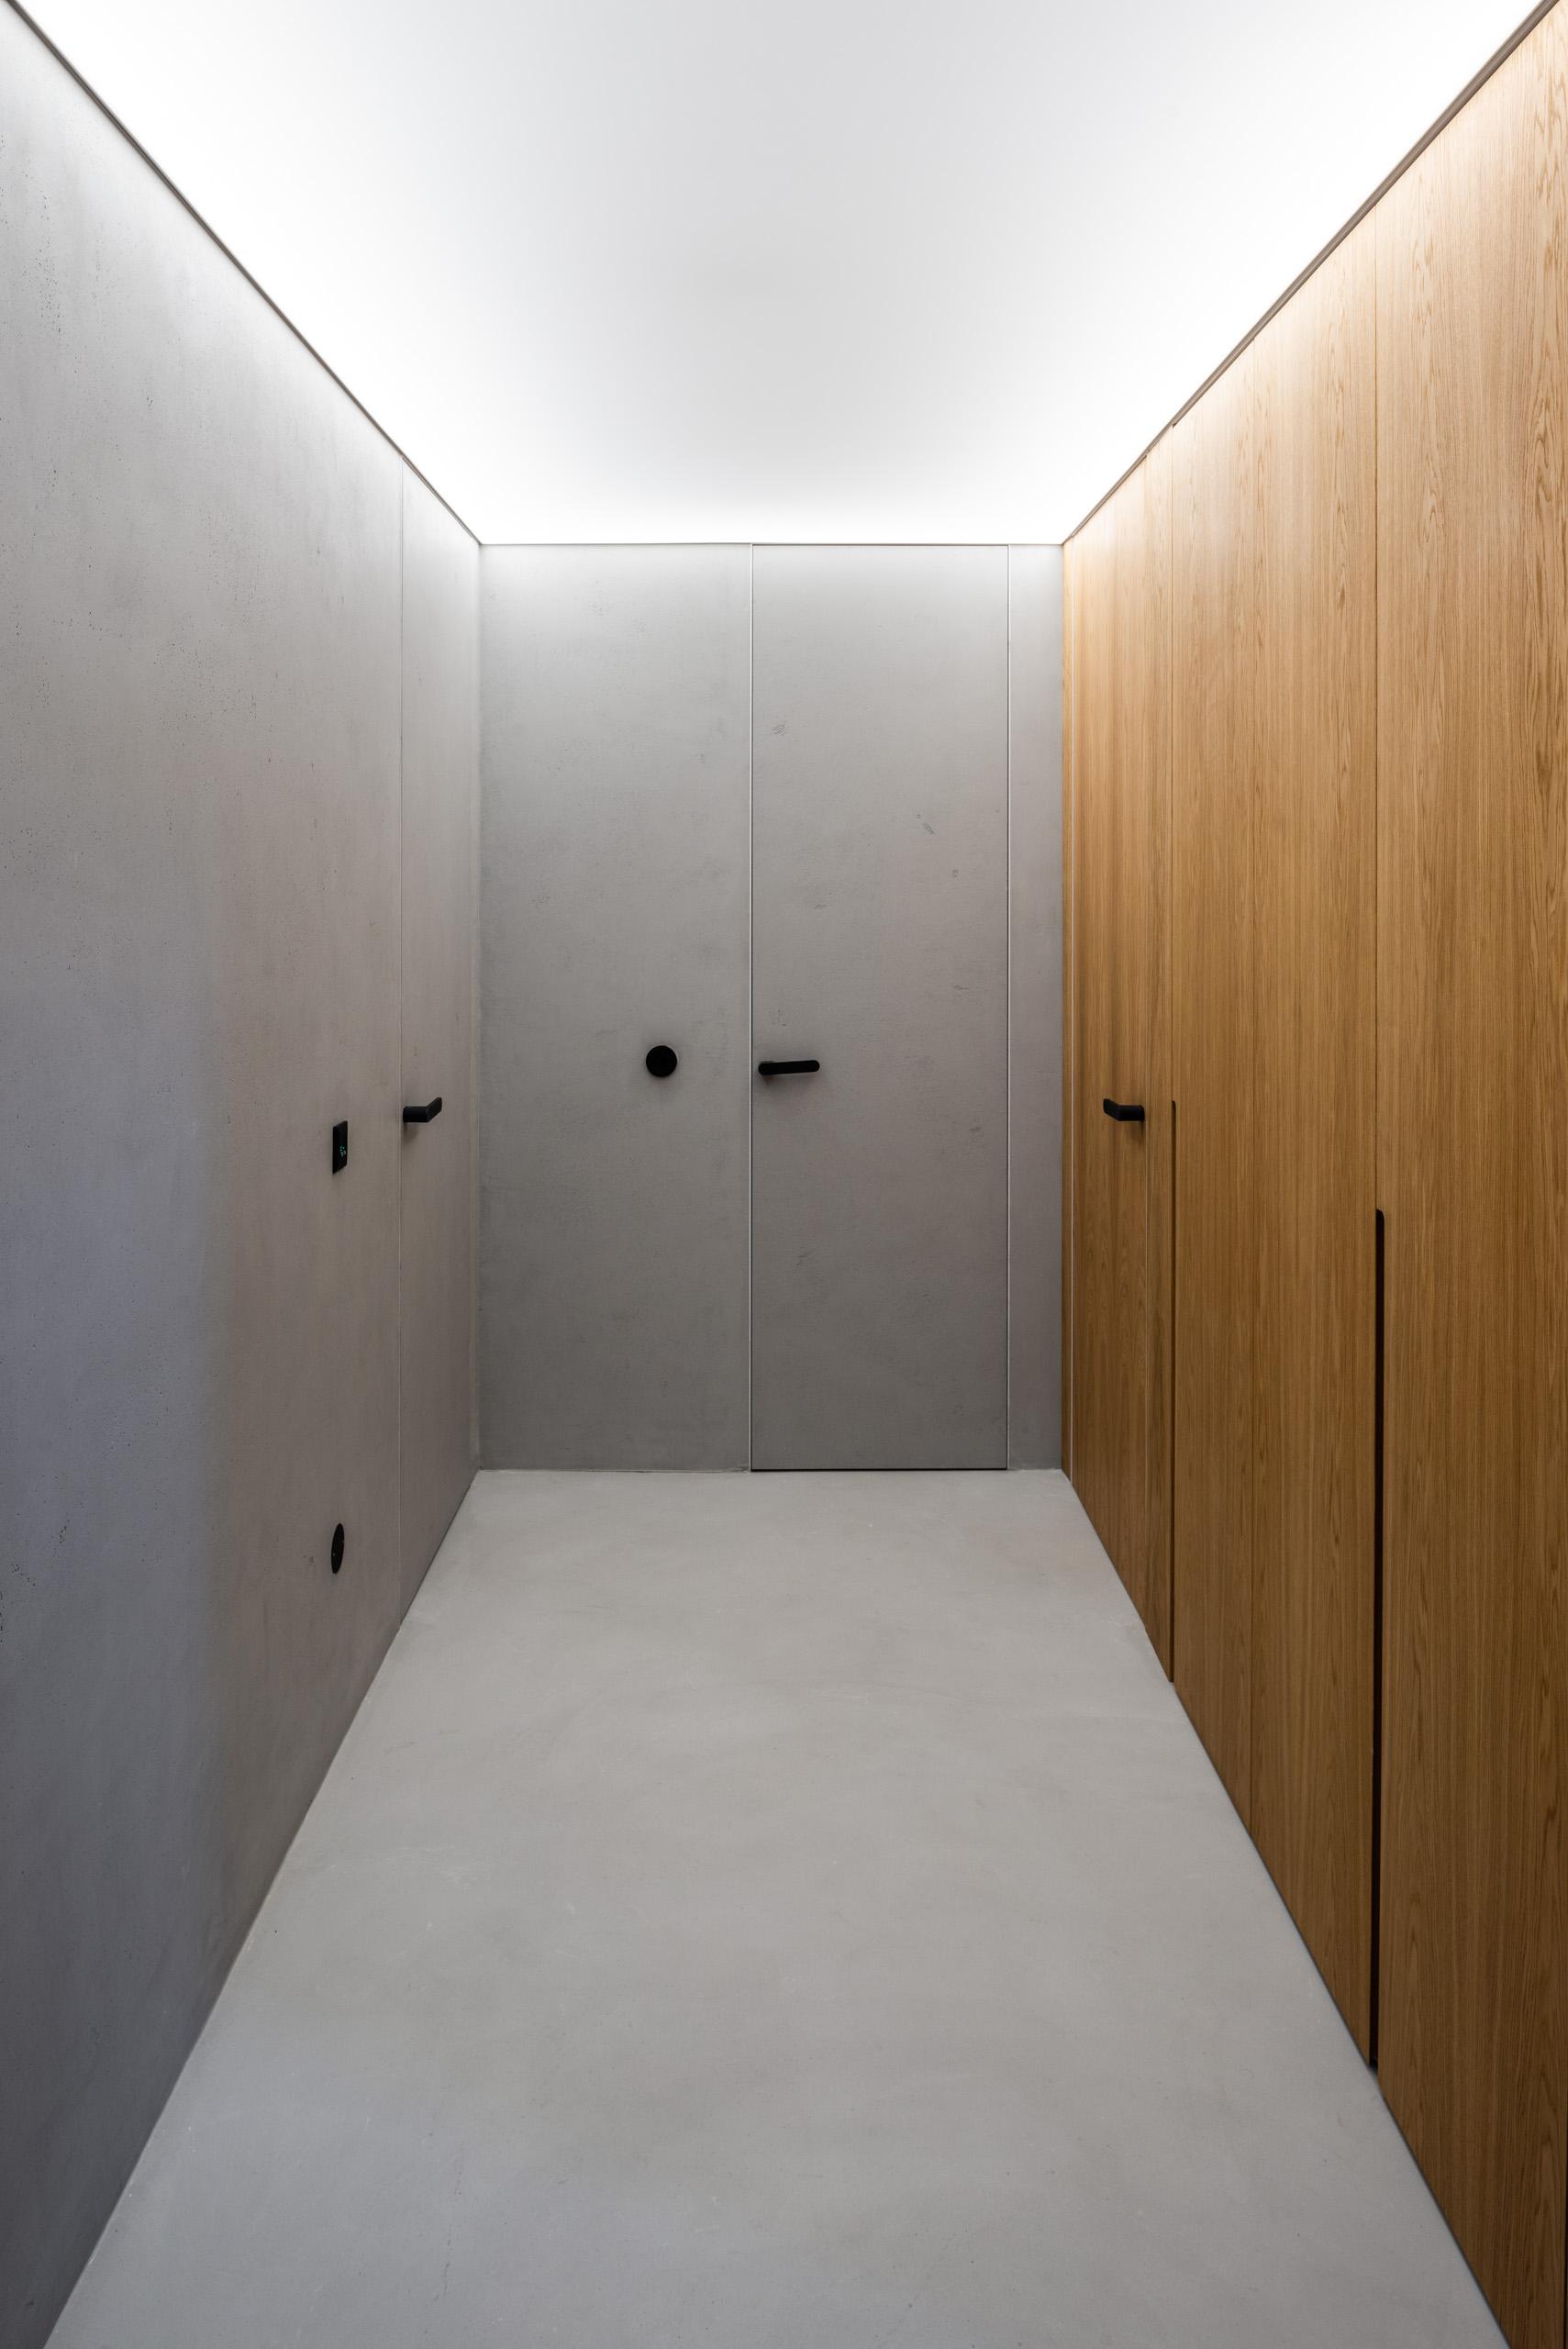 Hliníkové a dubové dveře se skrytými zárubněmi